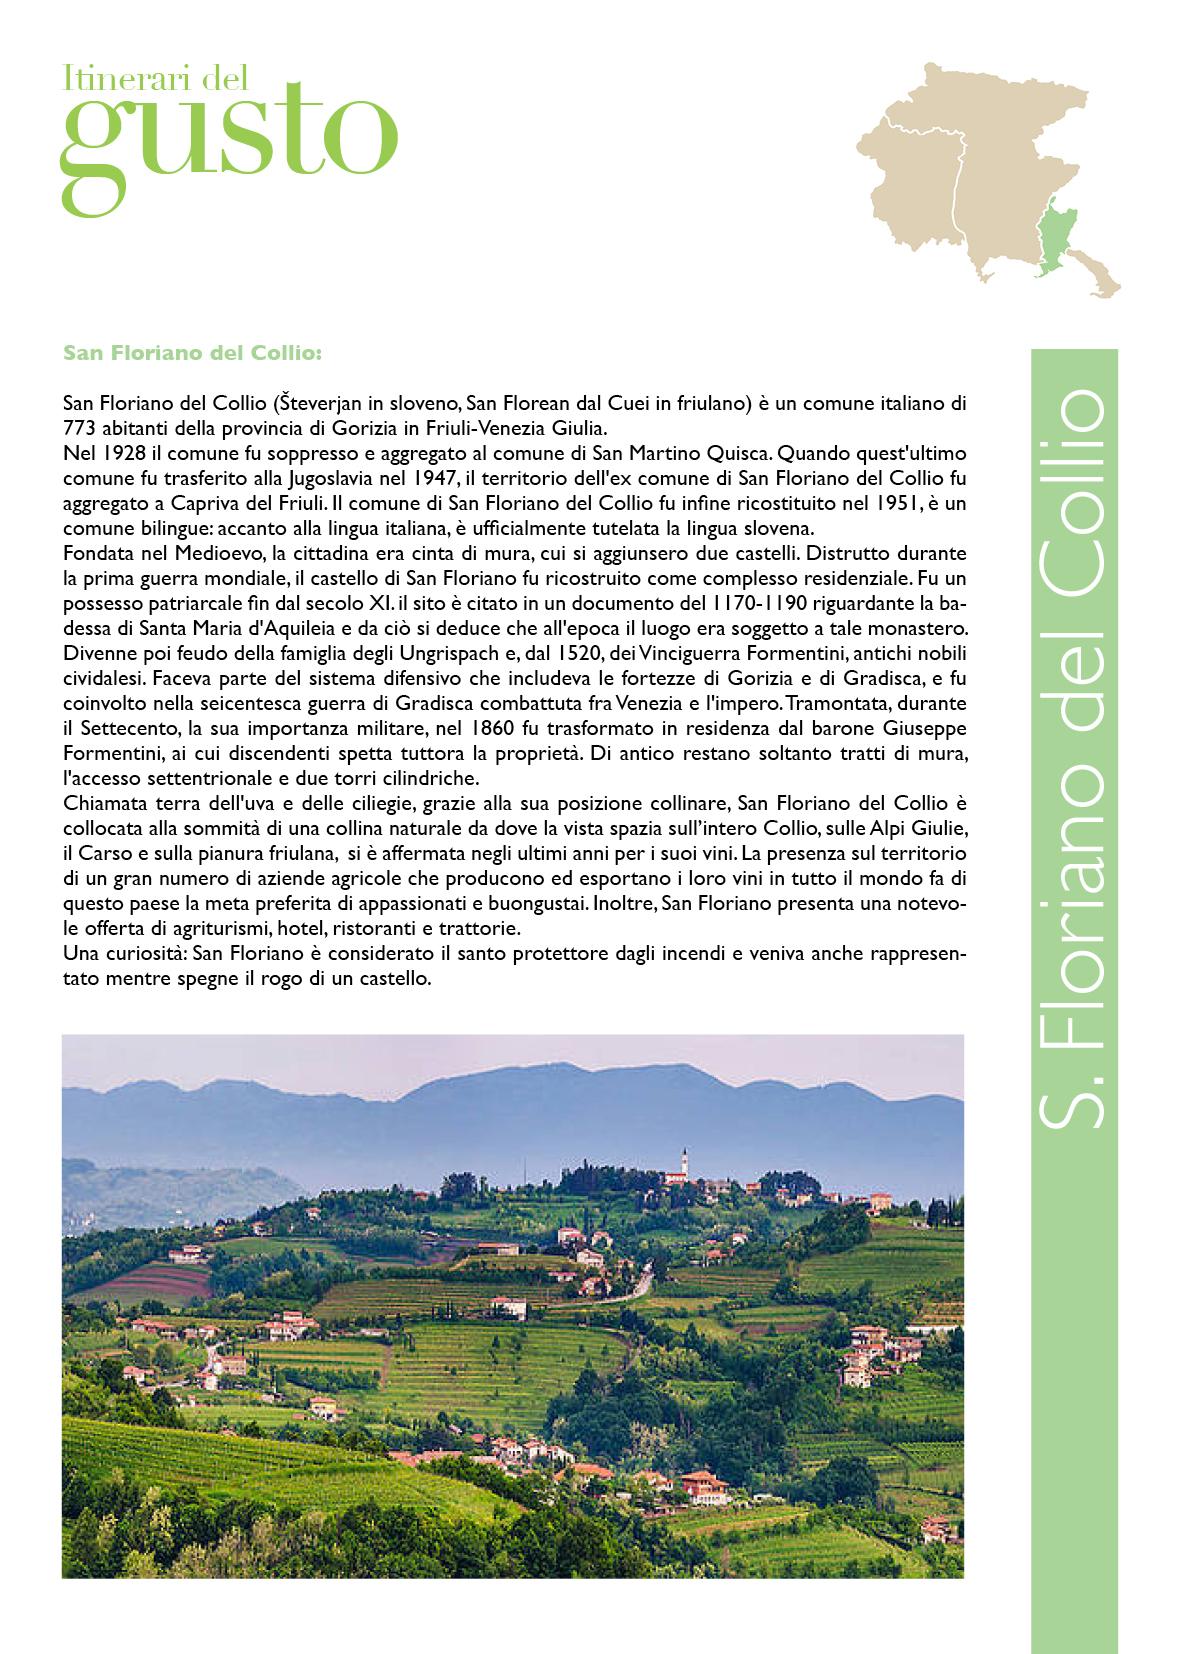 ITINERARI DEL GUSTO 2018-19 pagine singole68